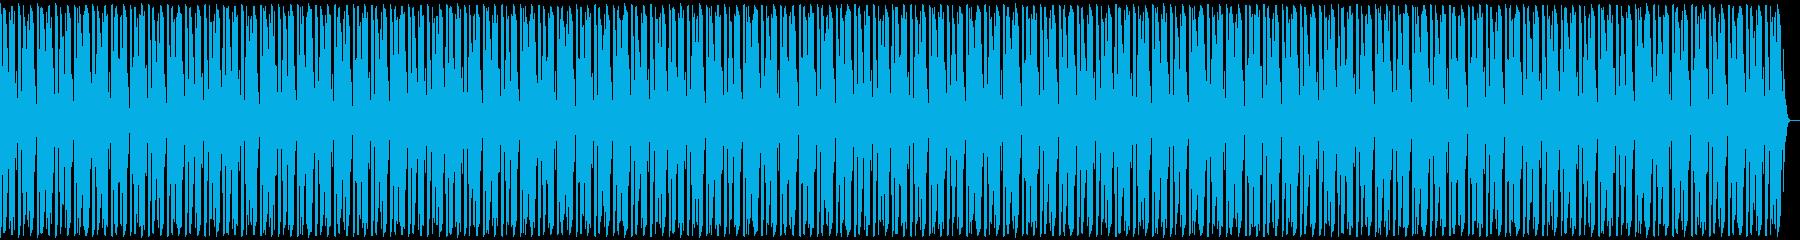 フリースタイル用ビート(シンプル)の再生済みの波形